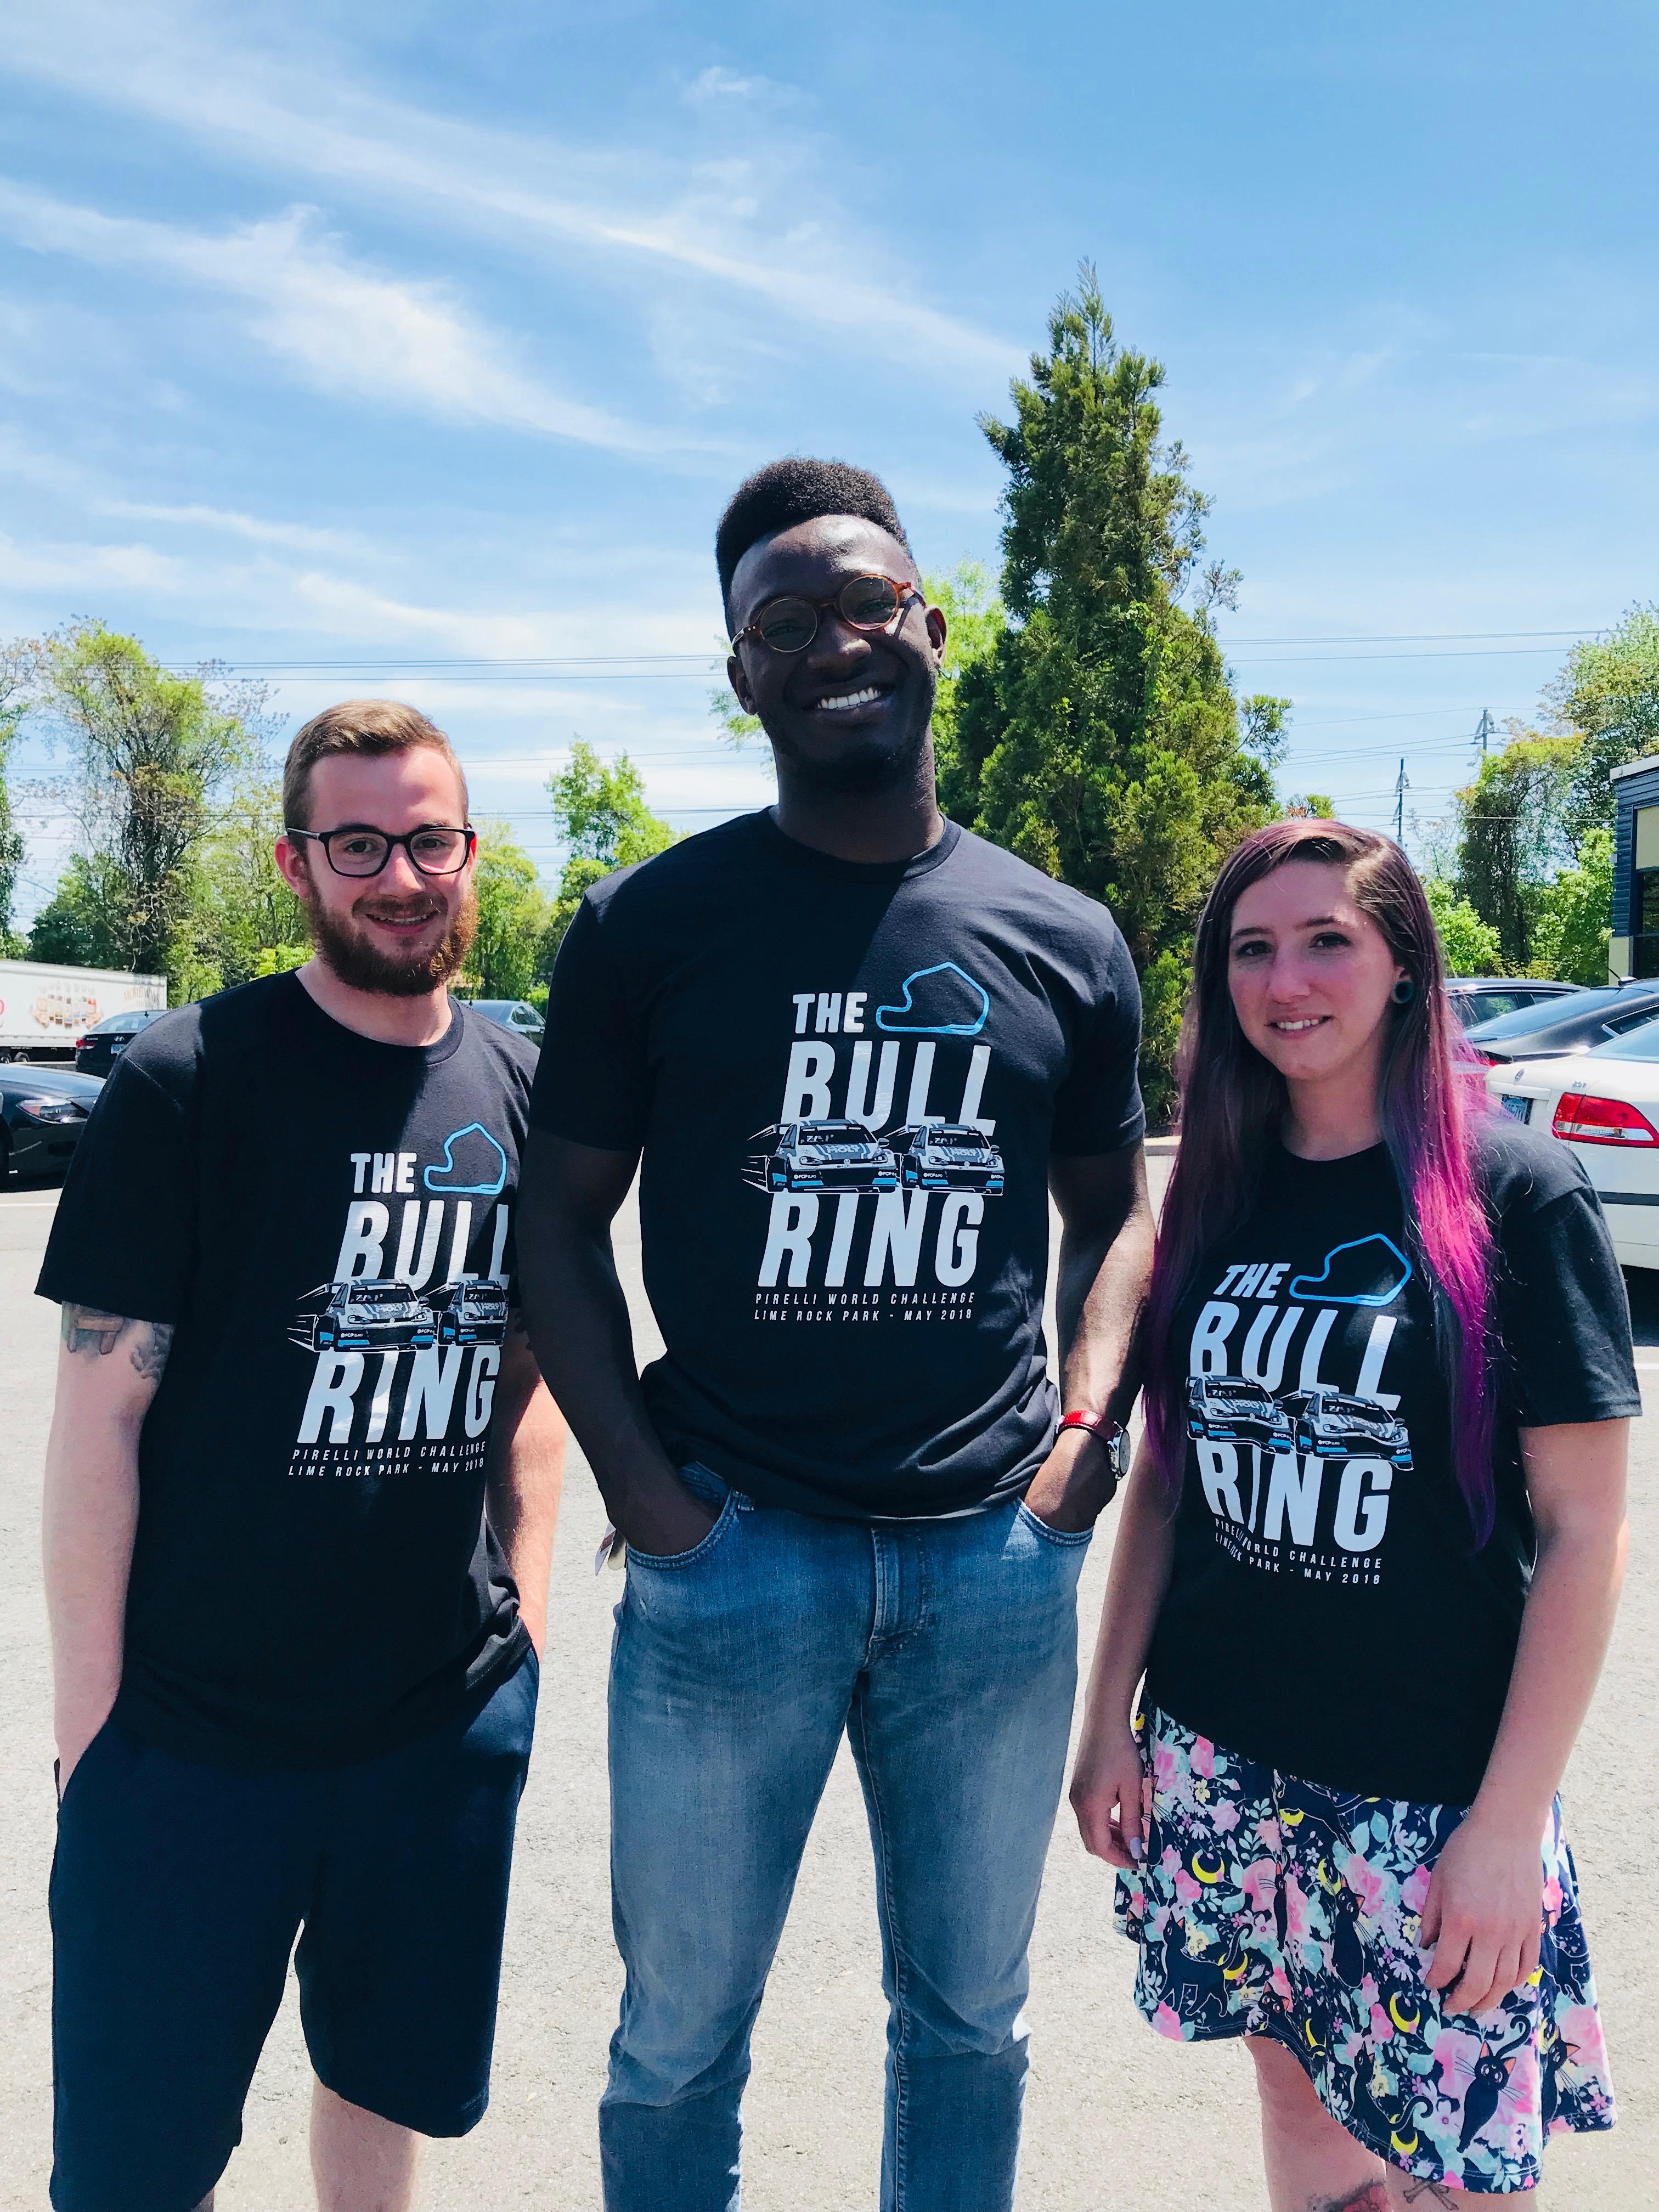 The-Bull-Ring-Lime-Rock-Park